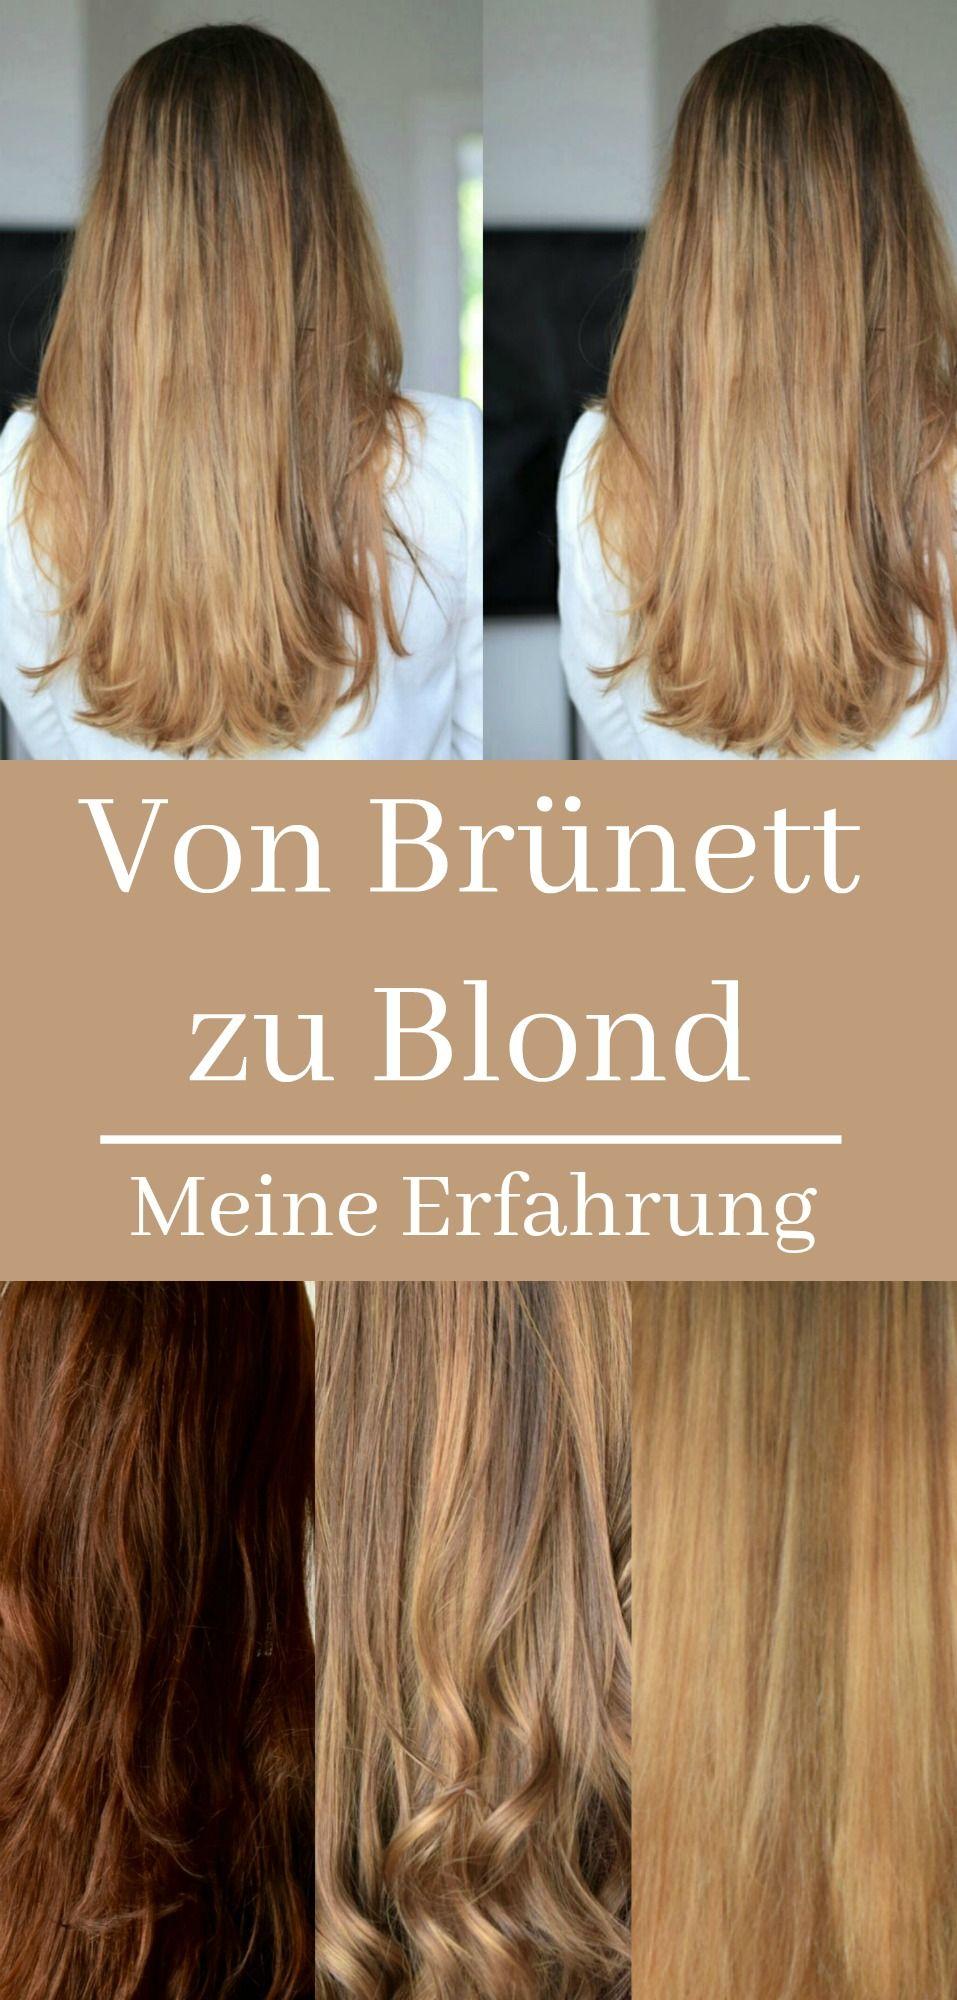 New Hair Wunderschöne Frisuren Und Hairstyles Pinterest Hair